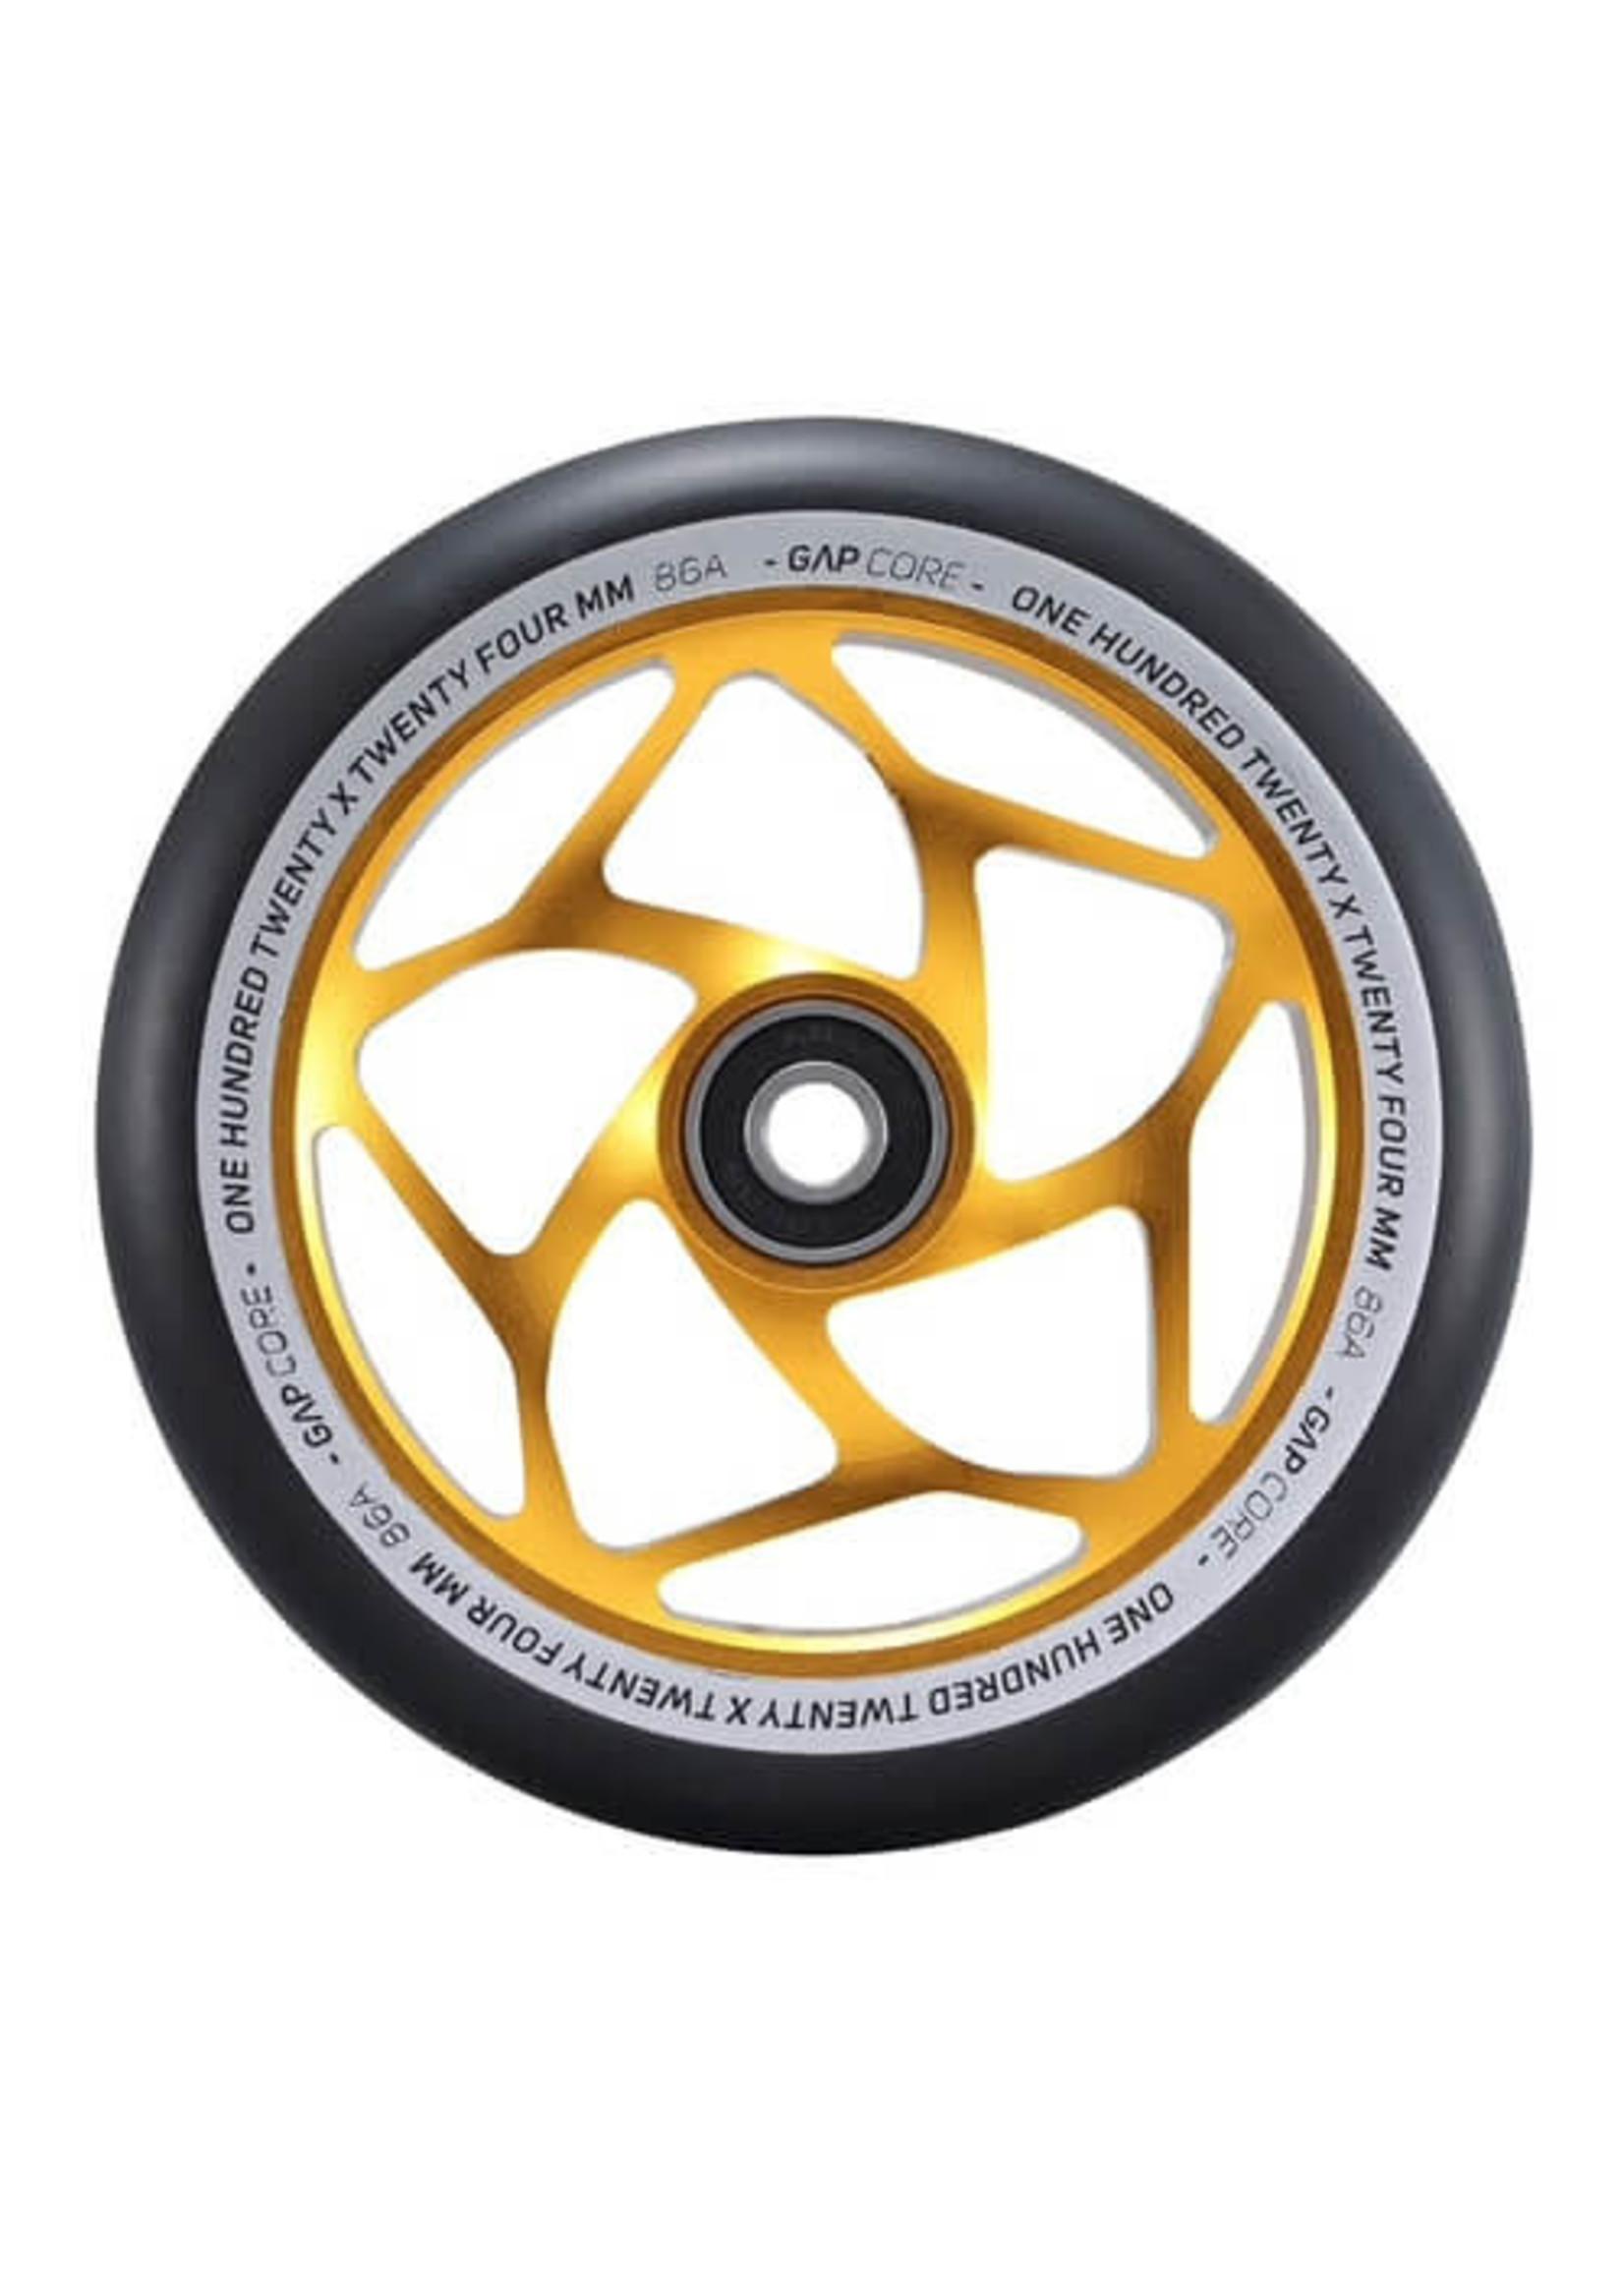 Envy Envy - Gap Core Wheels - 120mm